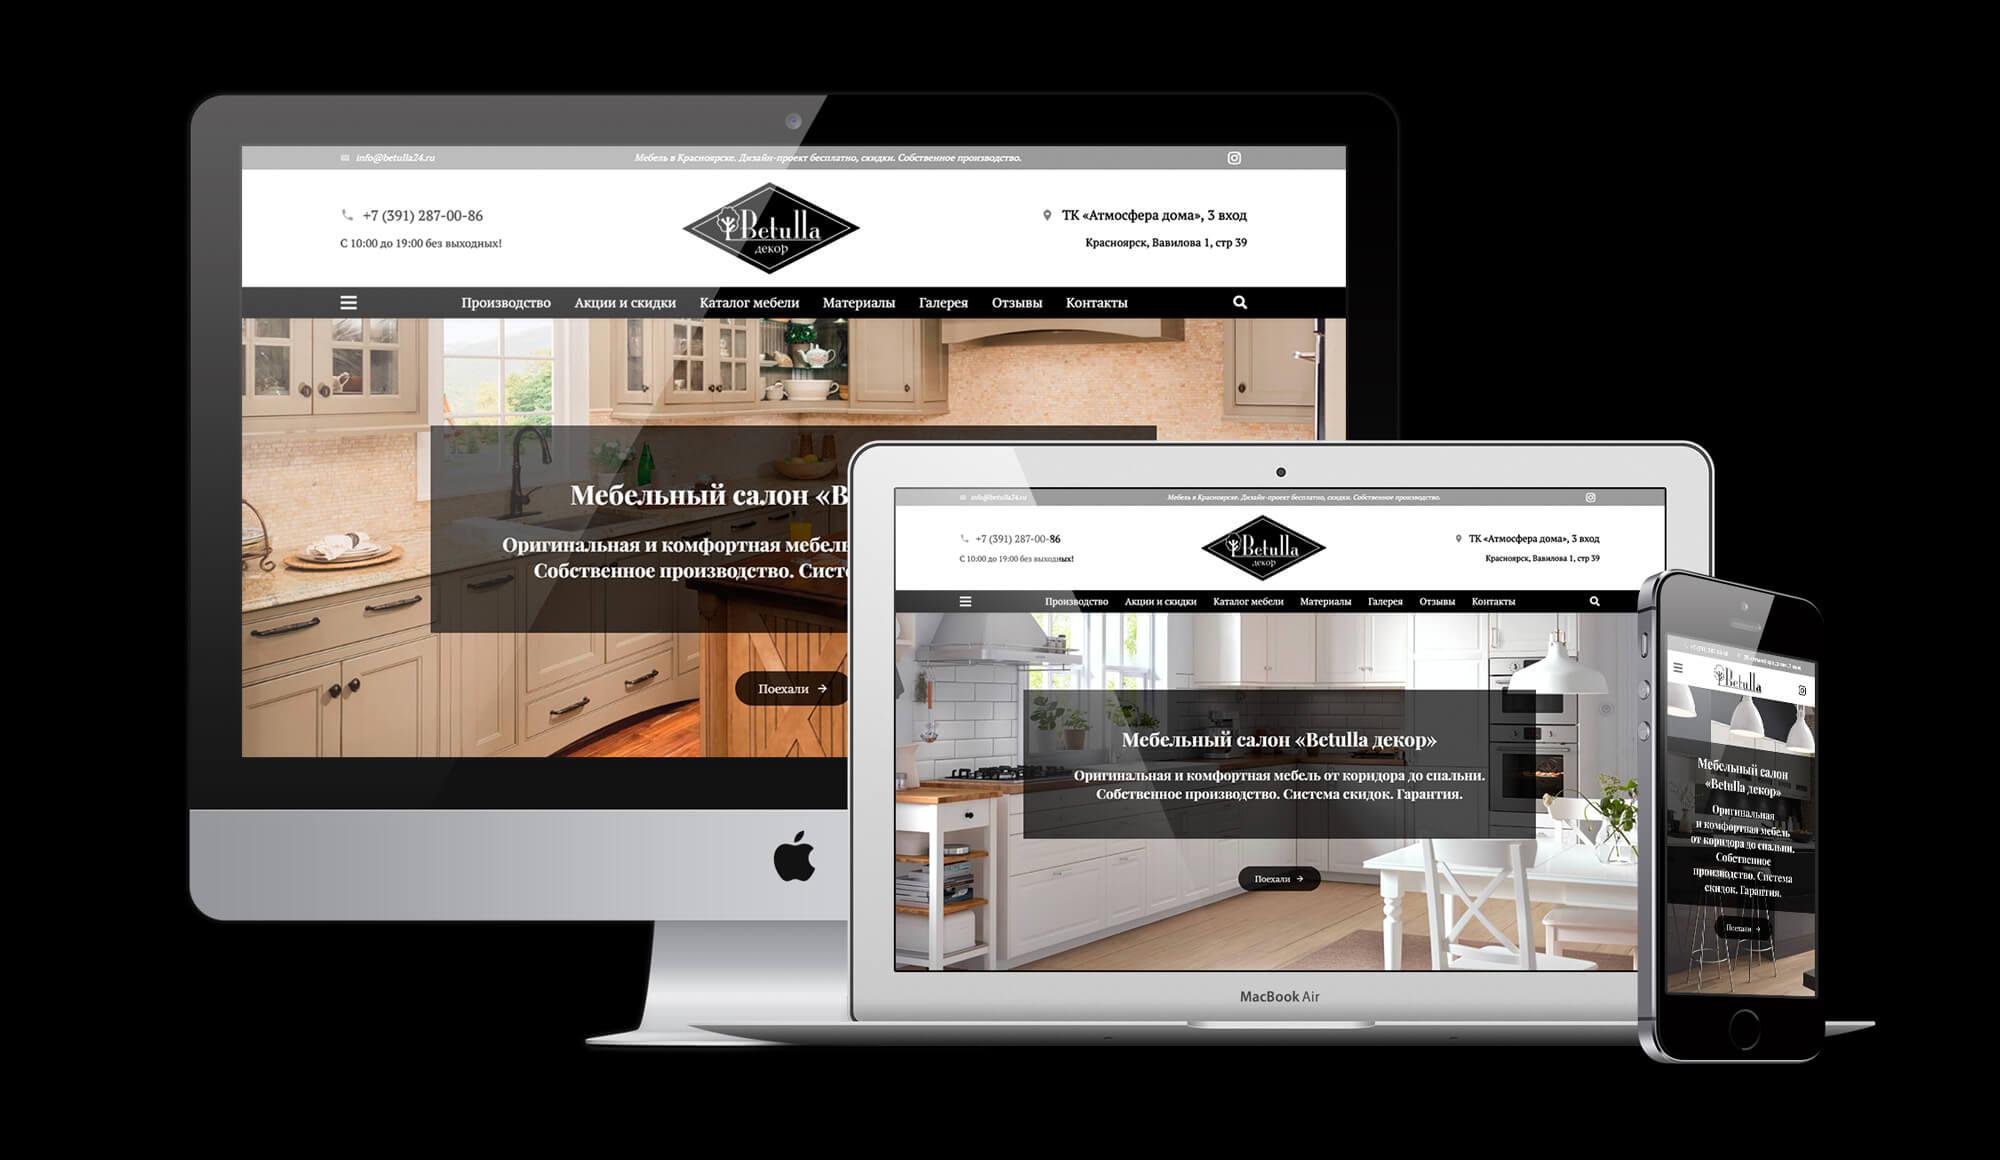 Сайт мебельного салона «Betullaдекор»